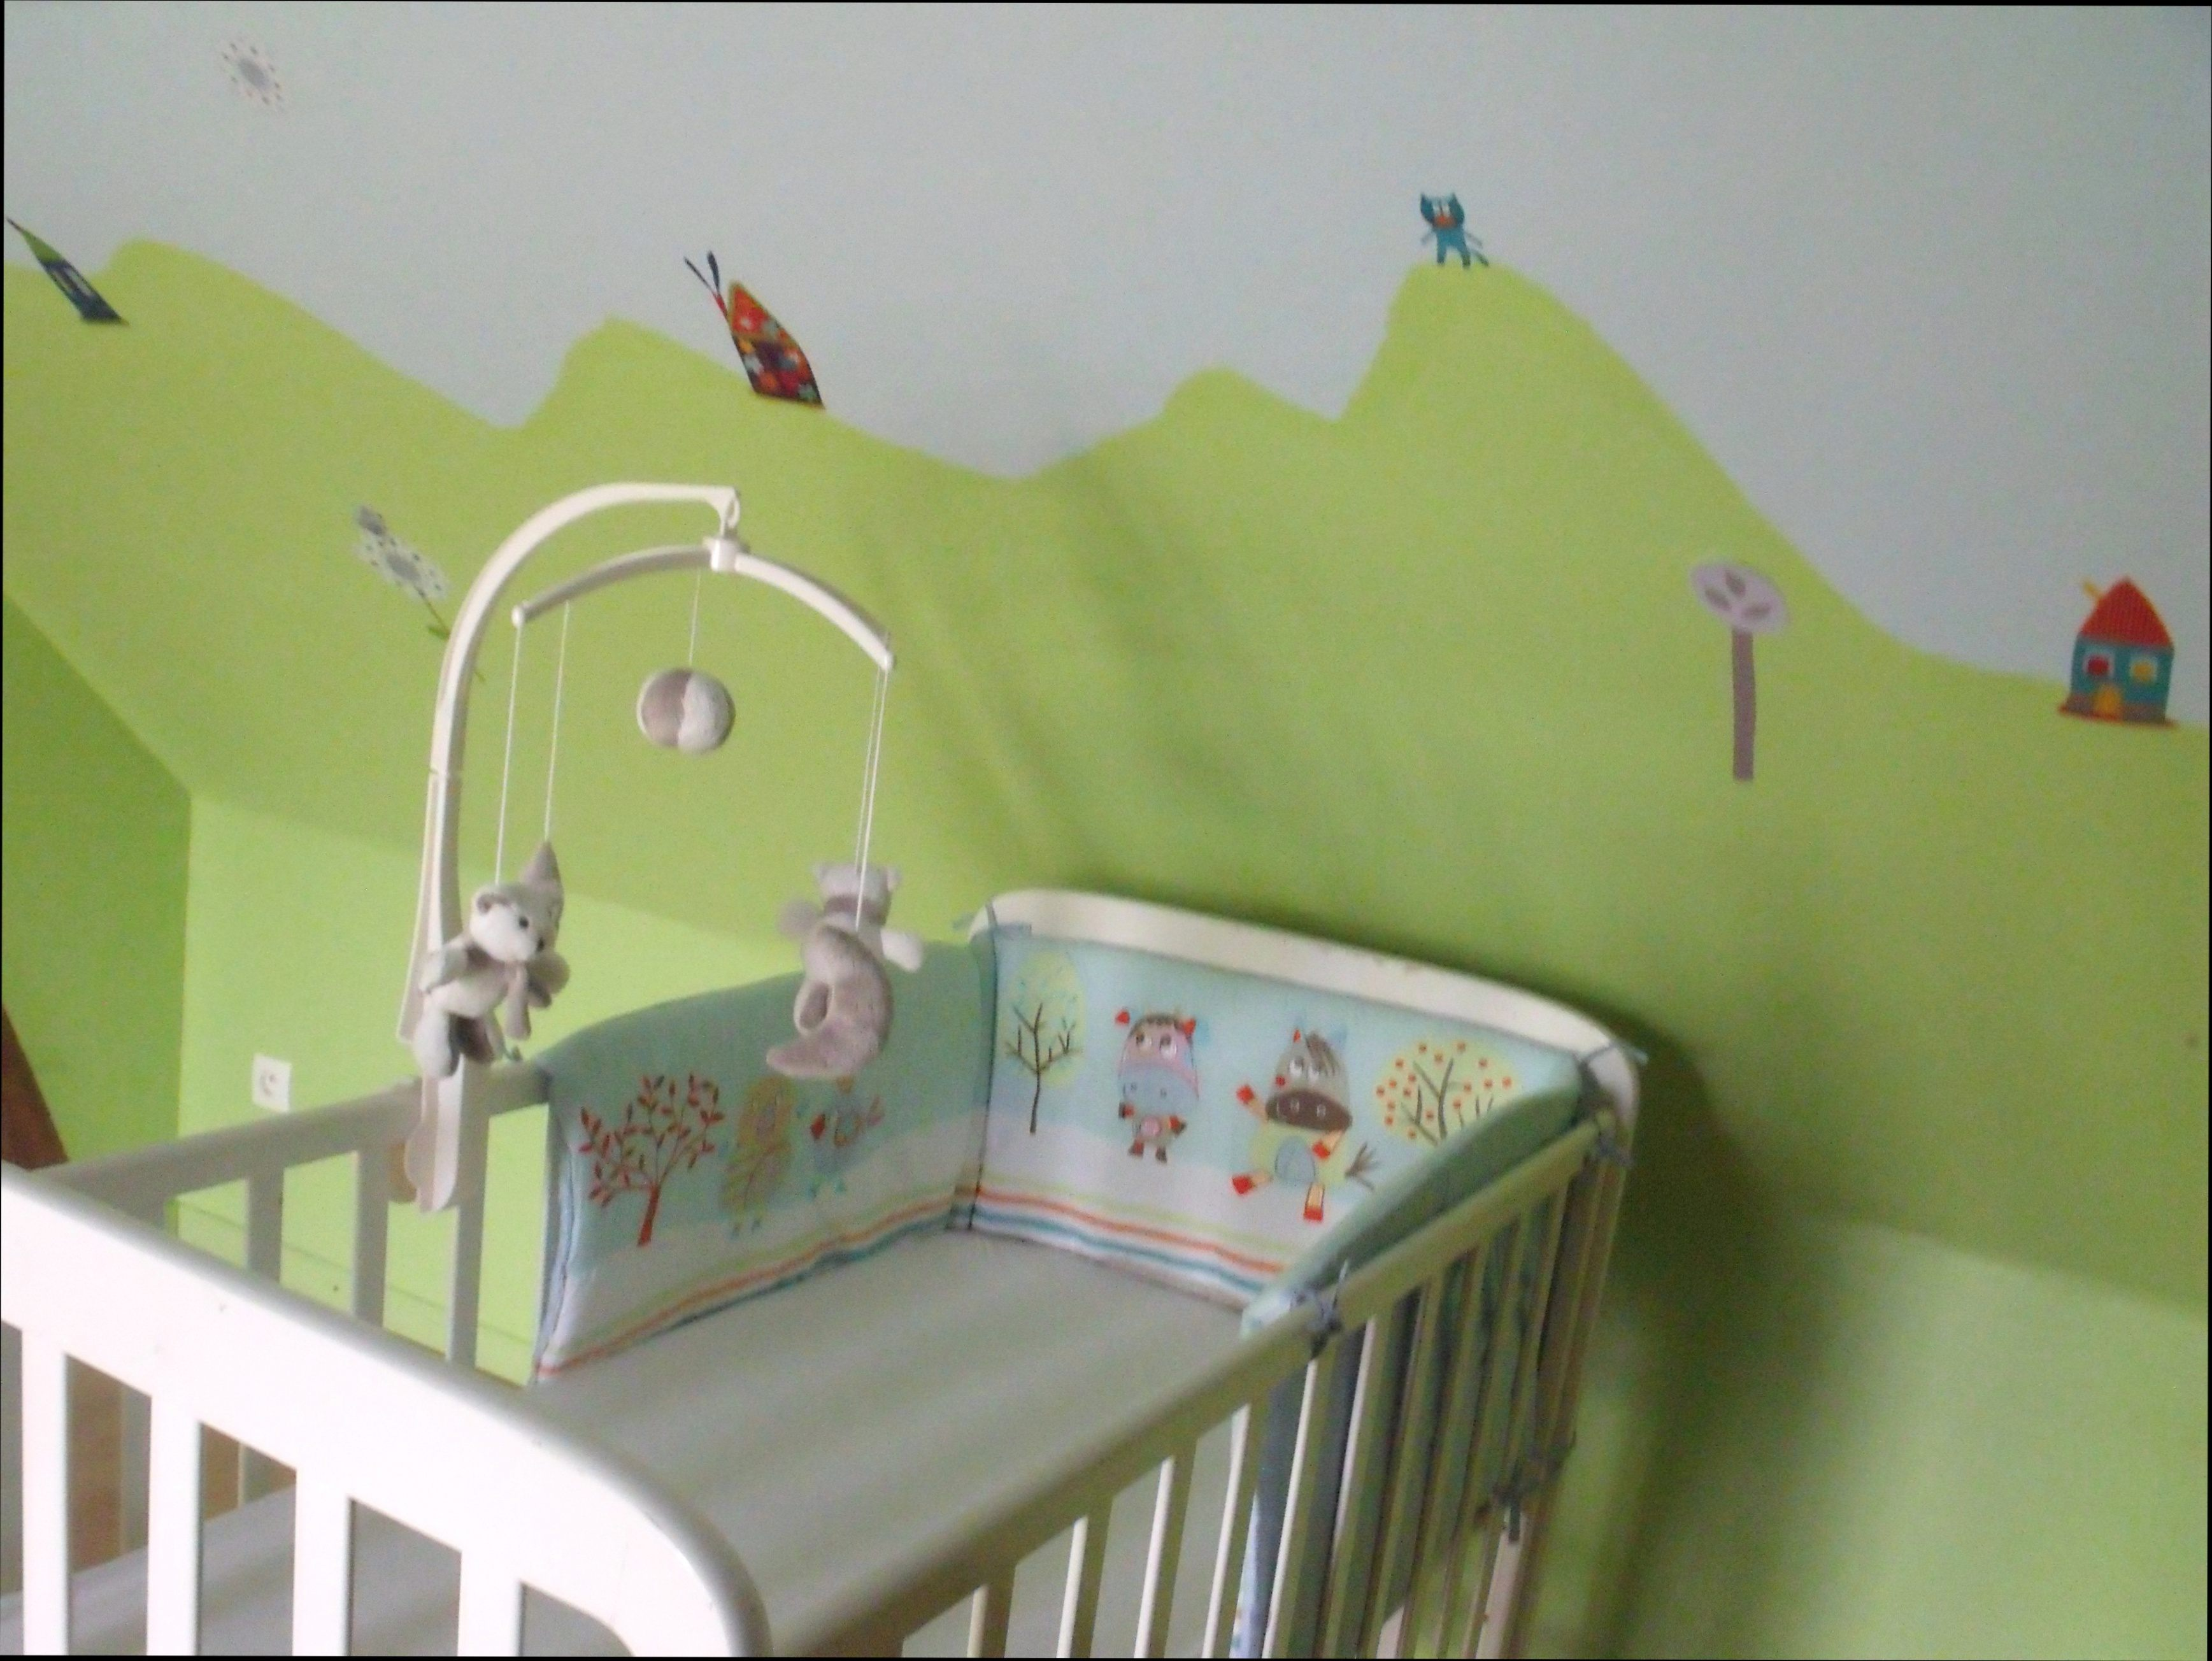 Lit Au sol Bébé Montessori Meilleur De Mobile Pour Bébé — Mikea Galerie